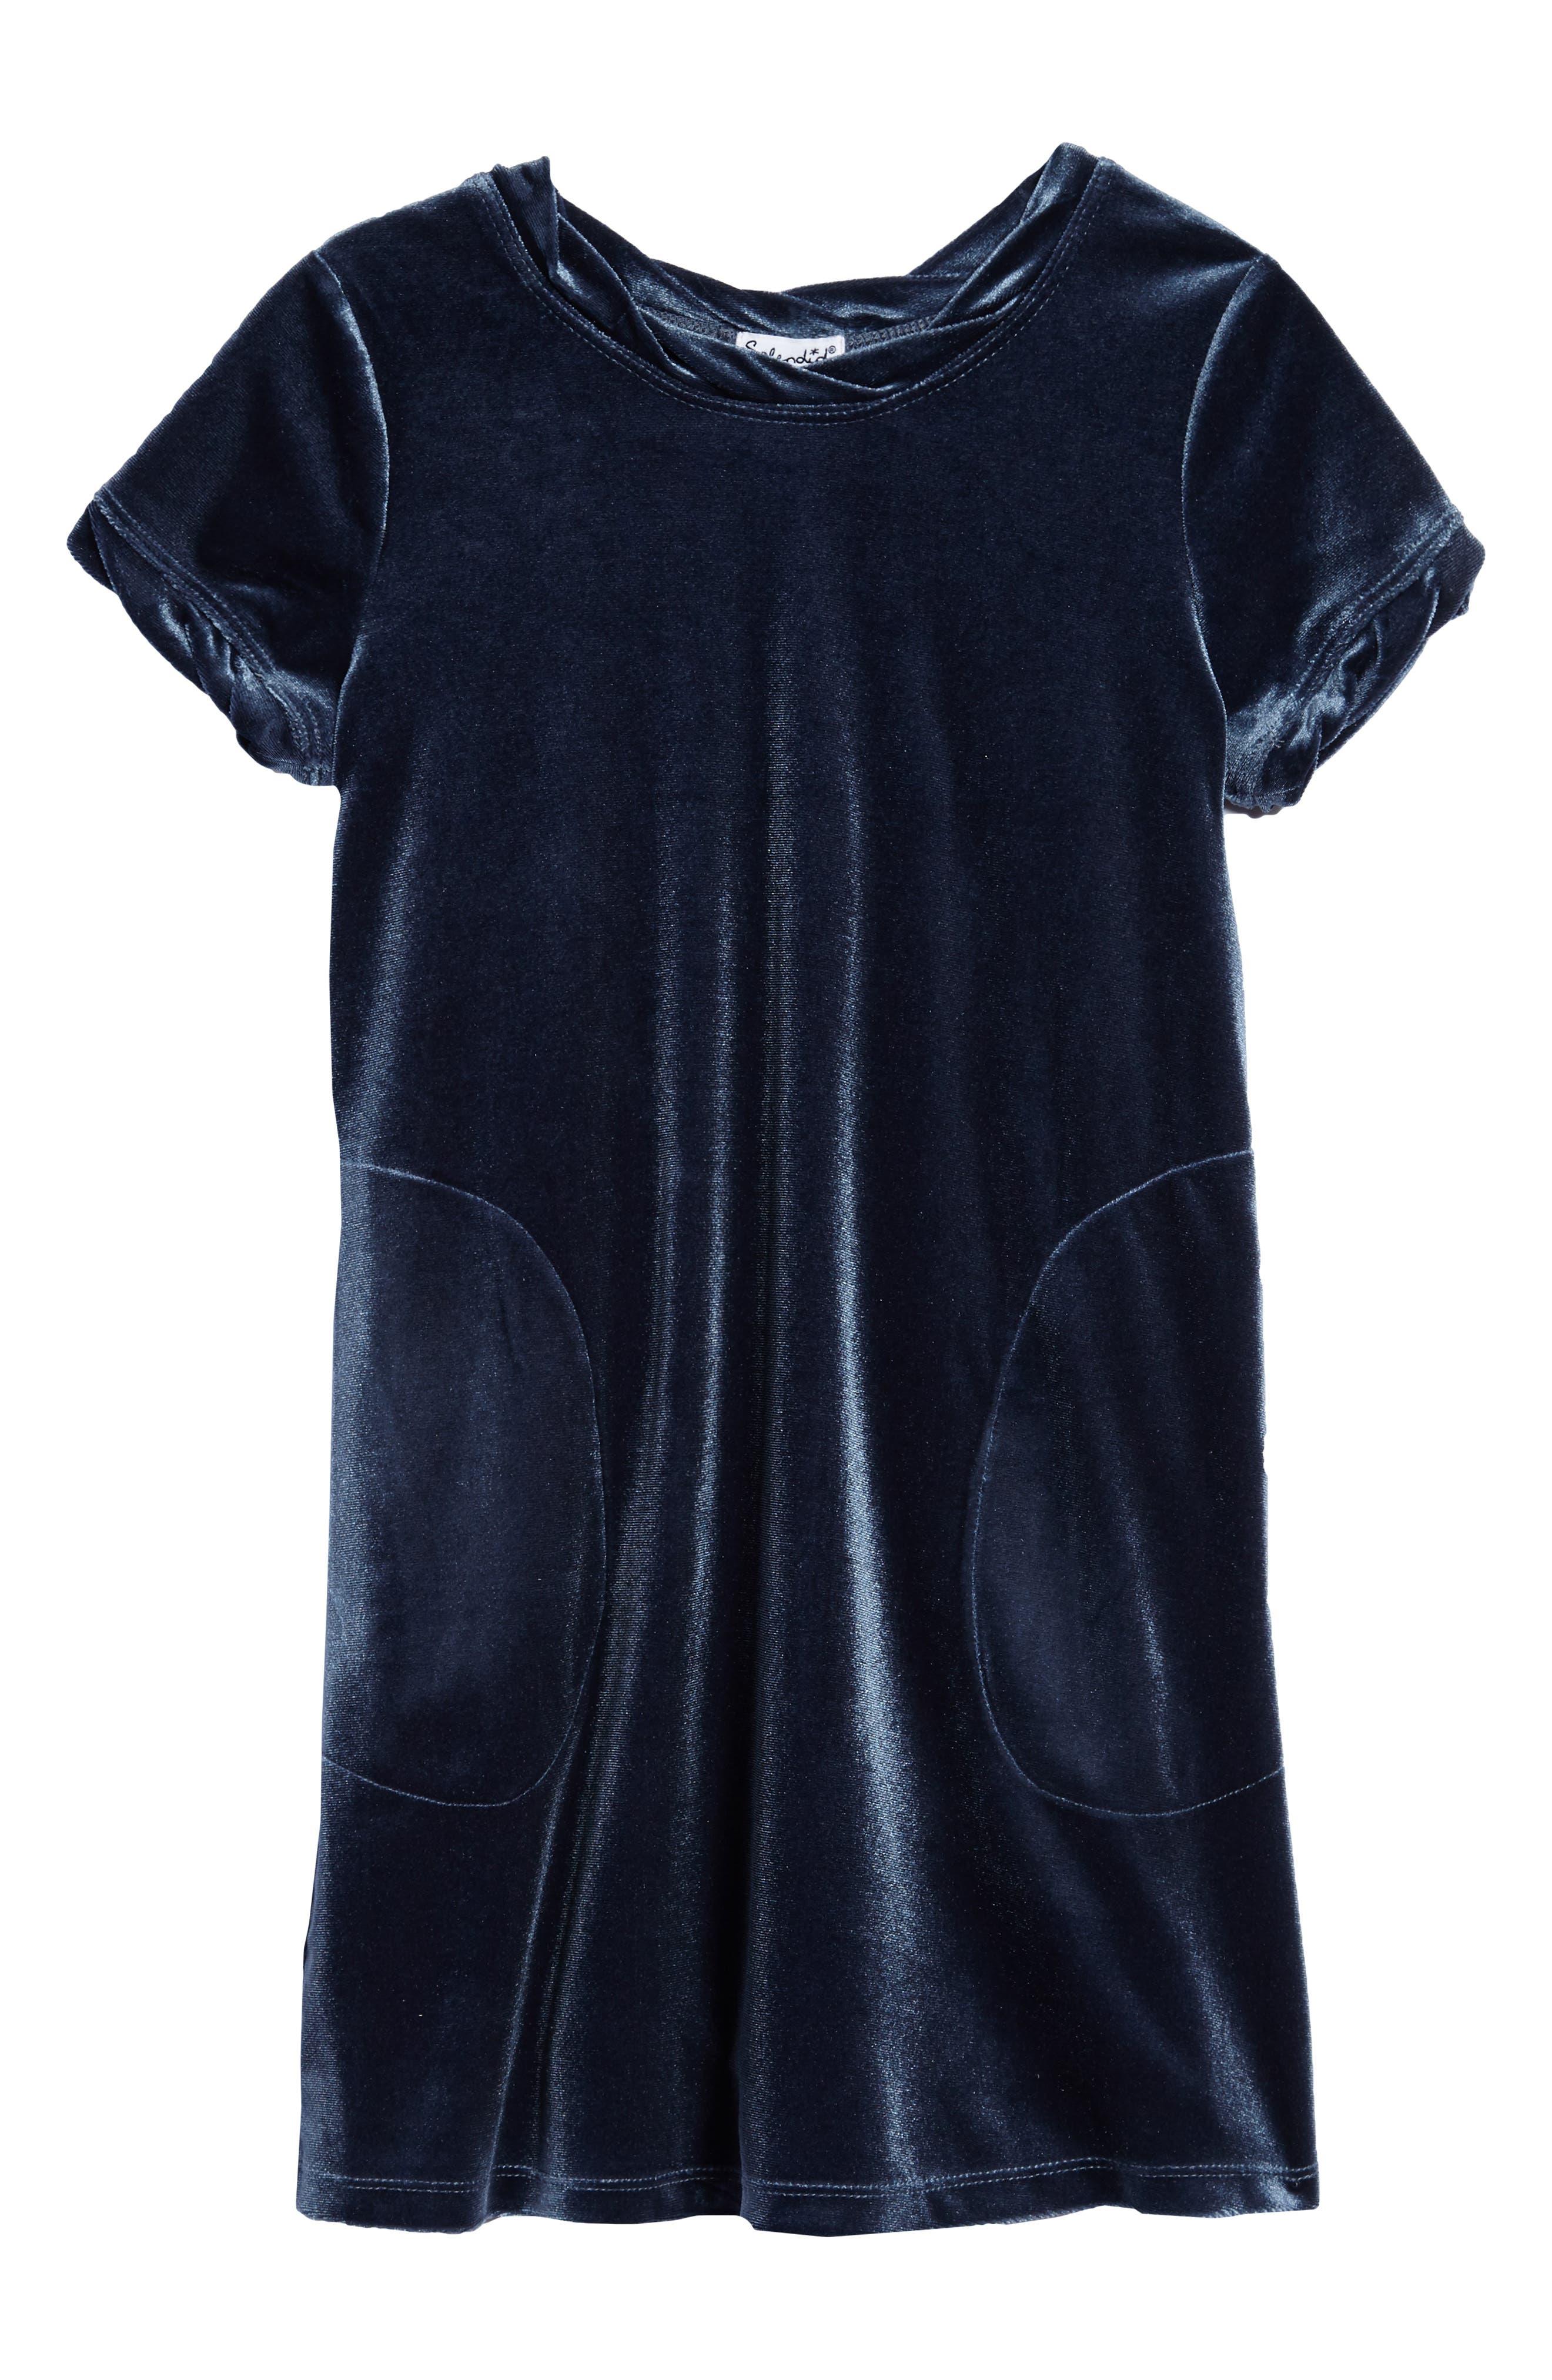 Alternate Image 1 Selected - Splendid Velour Shift Dress (Big Girls)